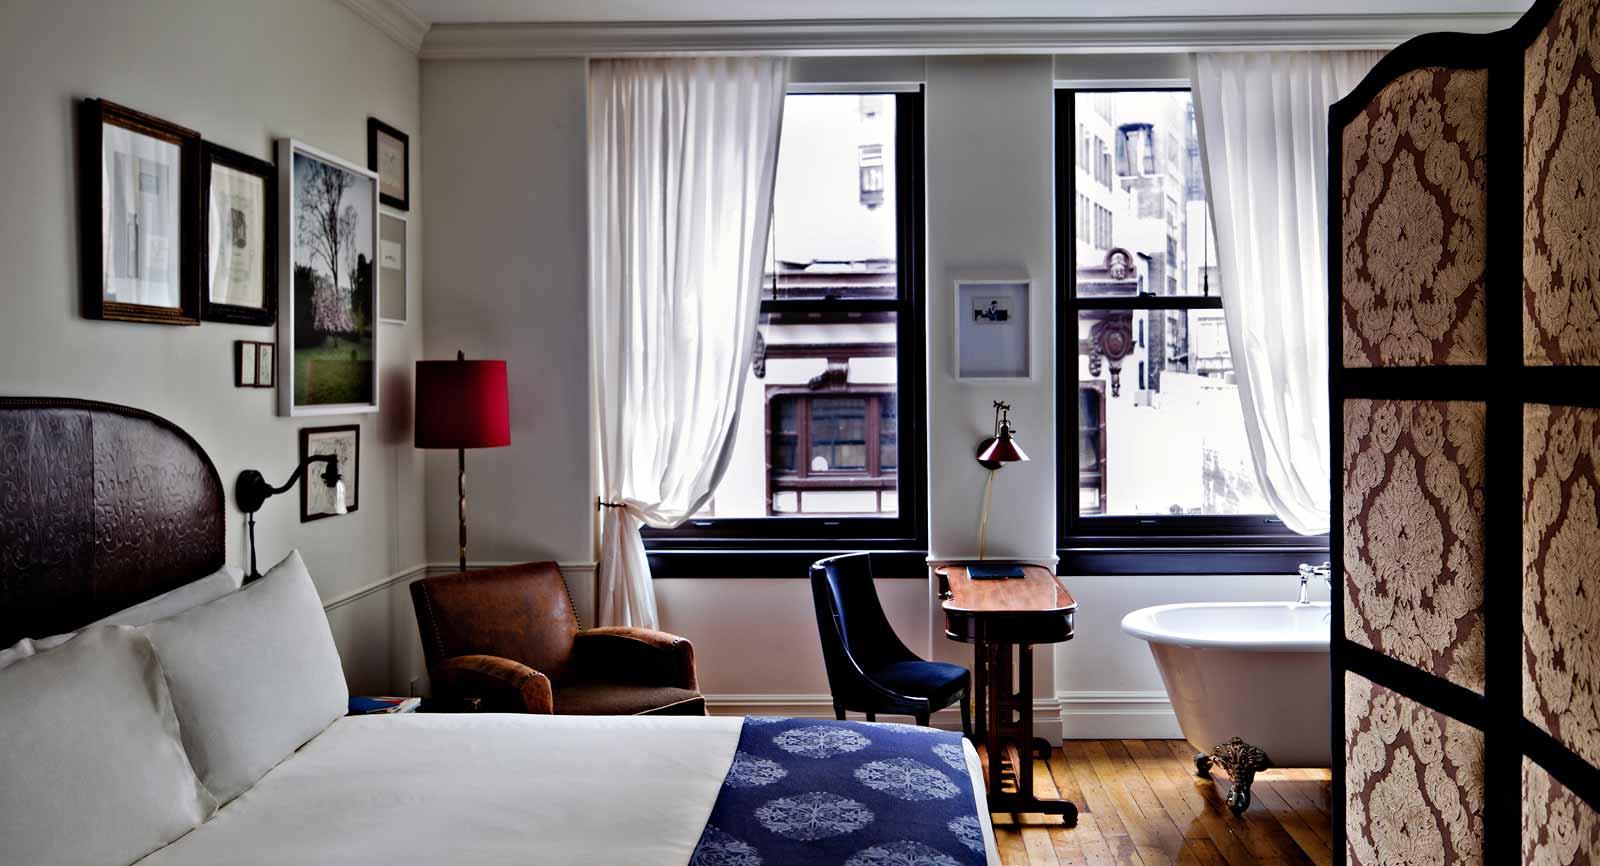 (Photo: Nomad Hotel)